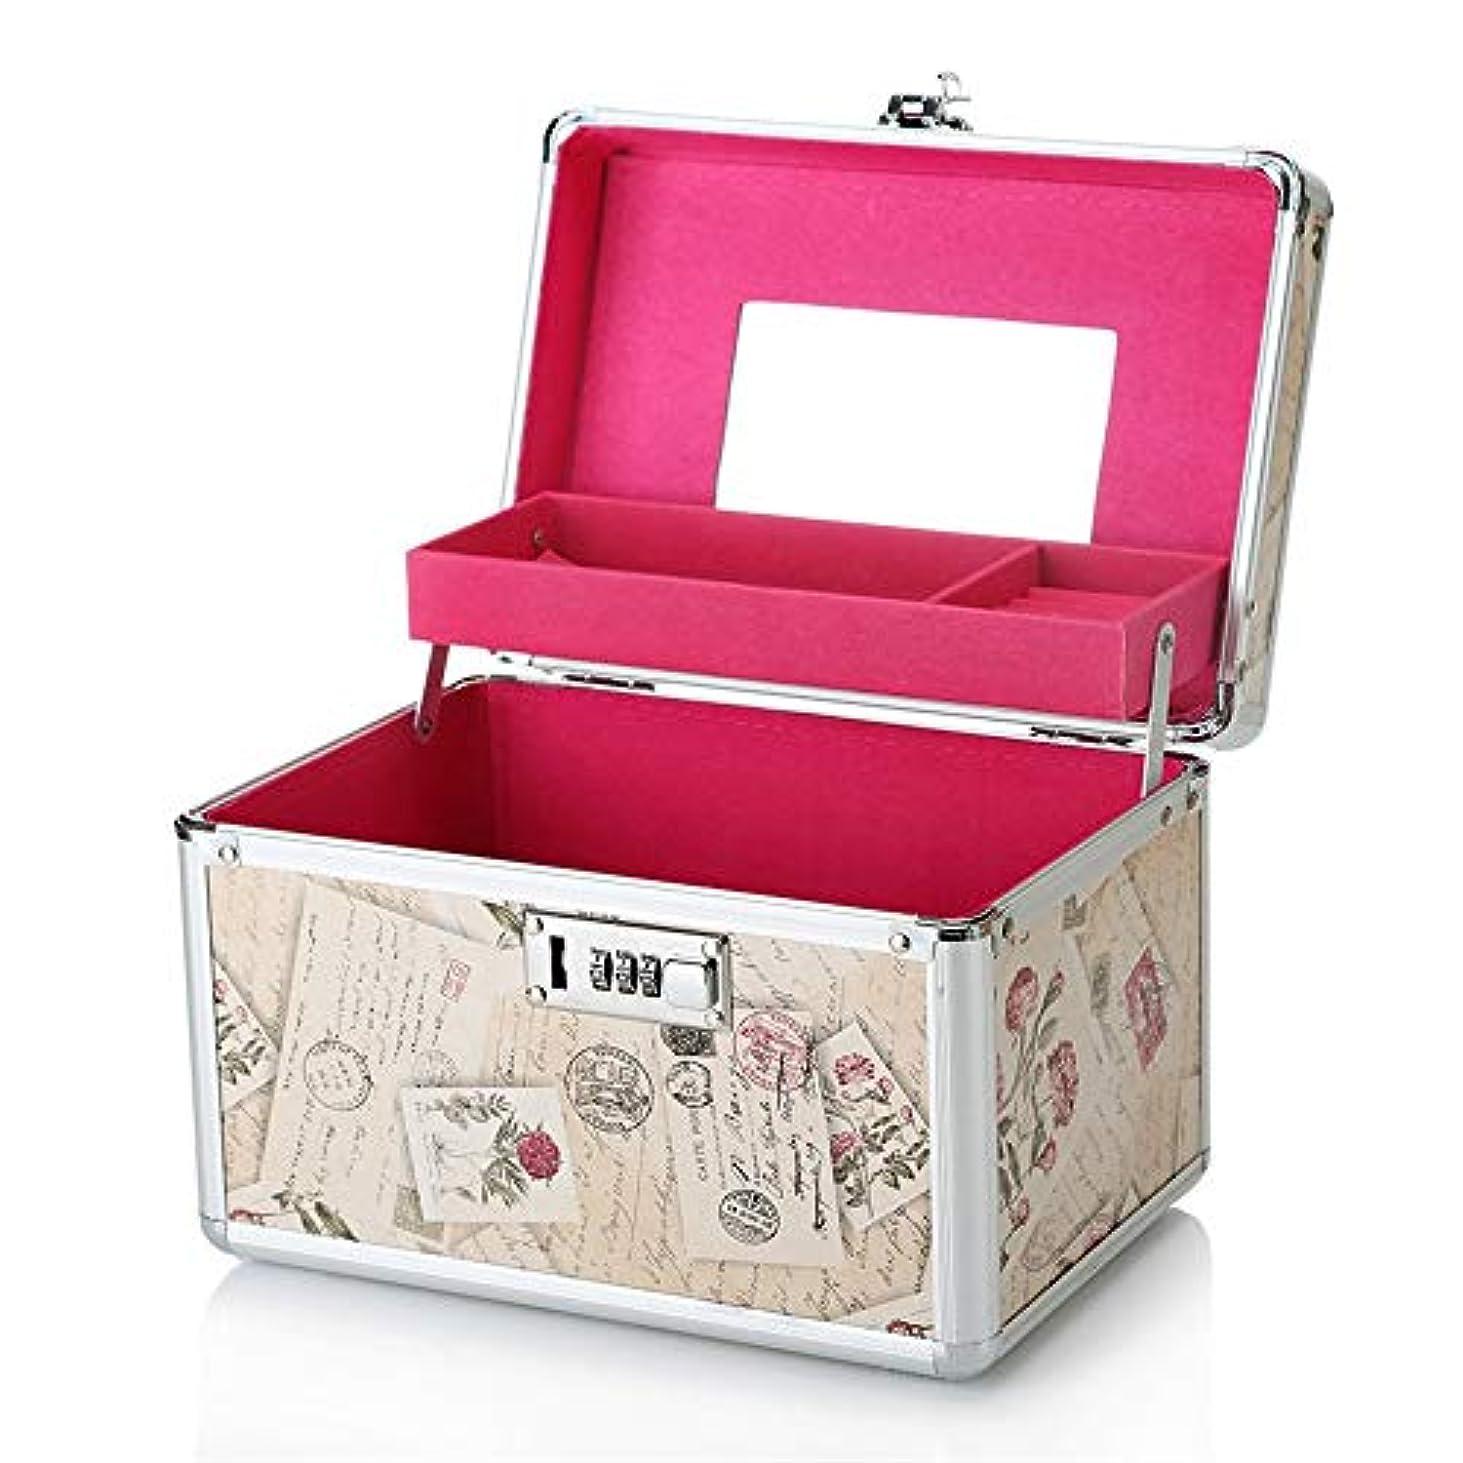 キリスト教台無しに王族化粧オーガナイザーバッグ 旅行のメイクアップバッグメイク化粧品バッグトイレタリー化粧ケース 化粧品ケース